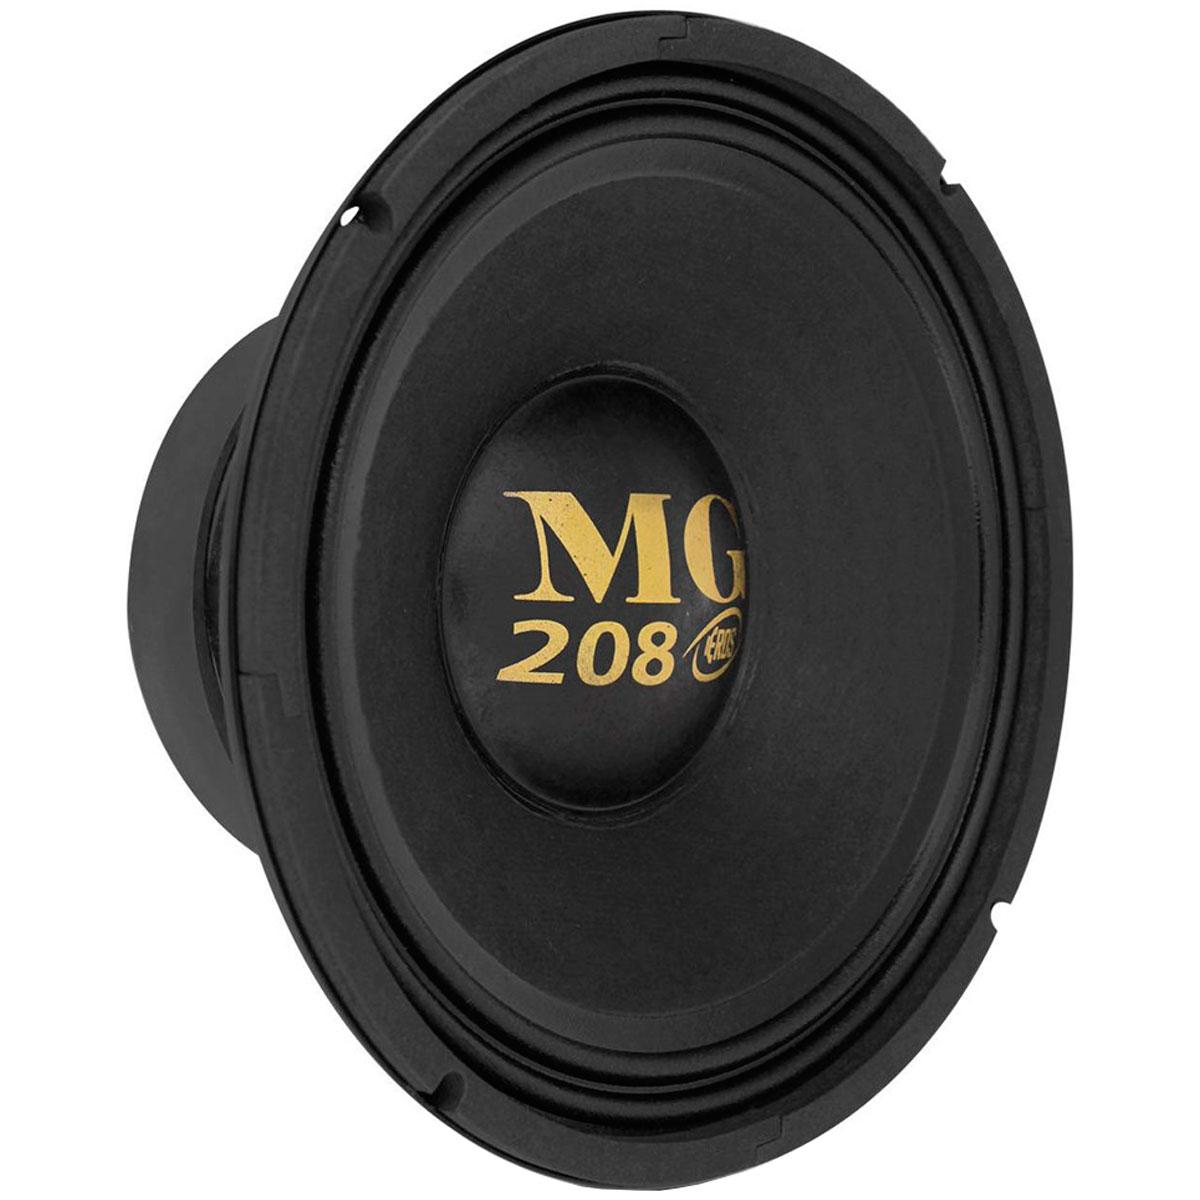 E208MG8 - Alto Falante 8 Polegadas 200W E 208 MG 8 - Eros